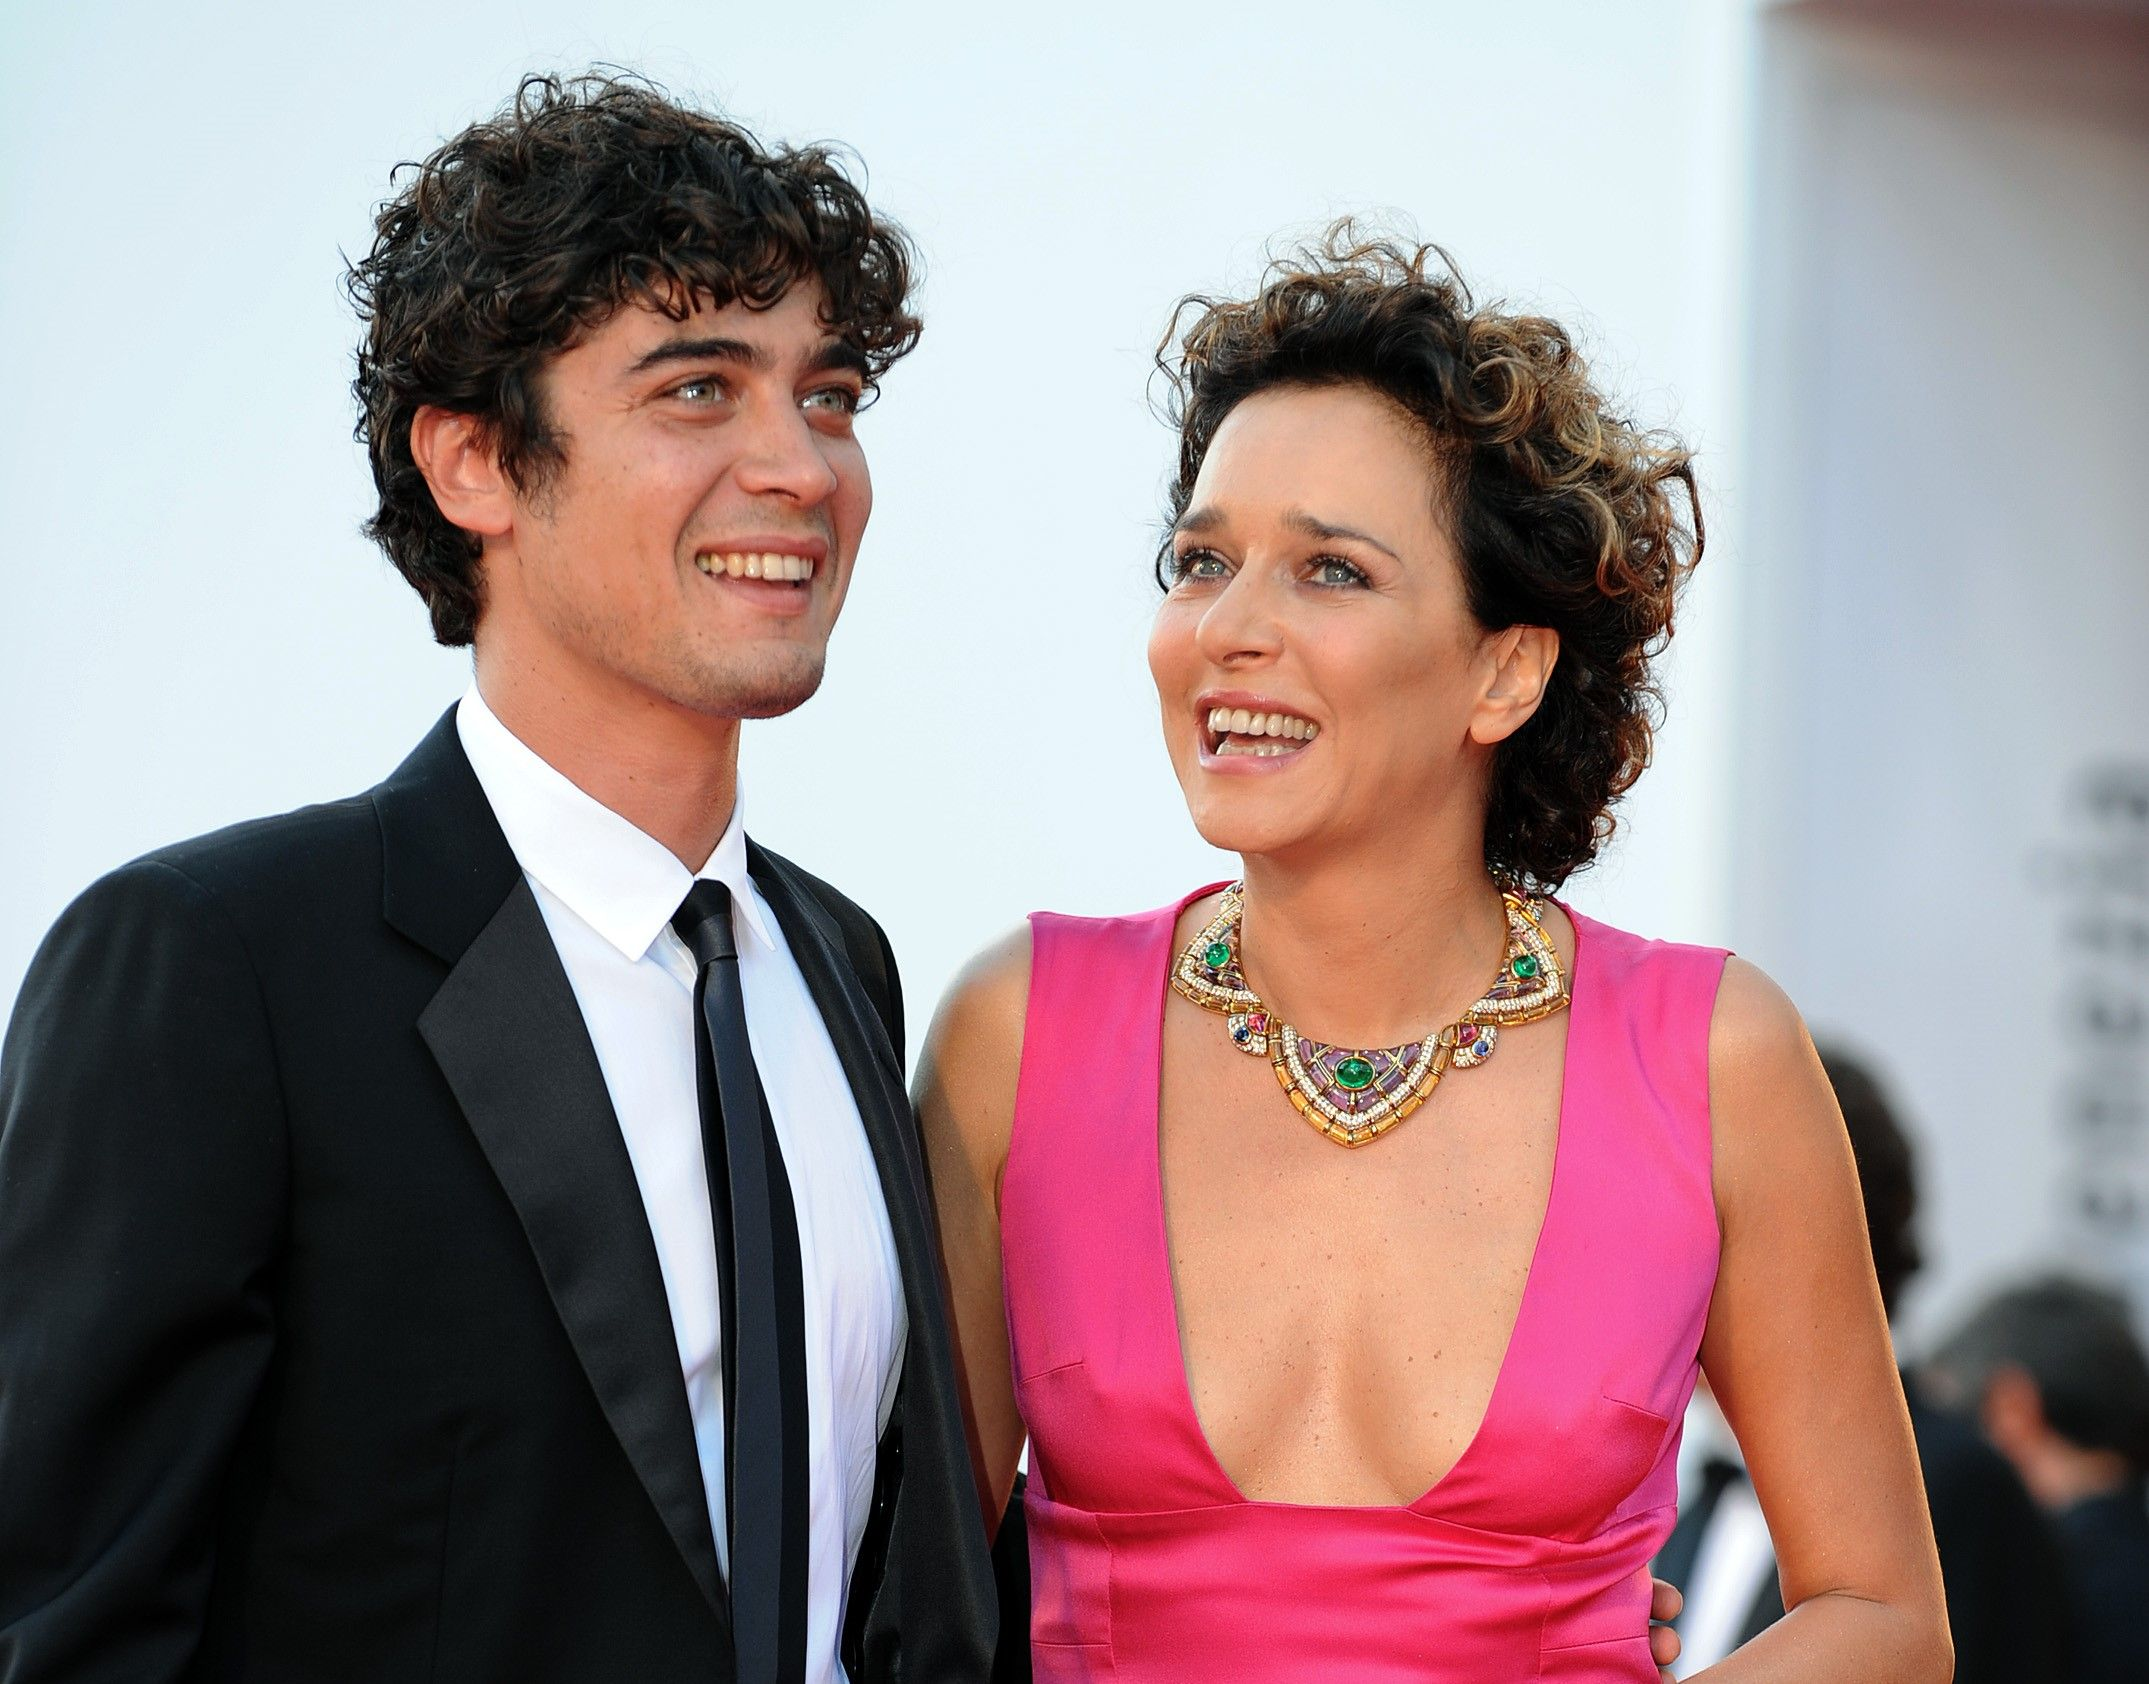 Riccardo Scamarcio: 'La fine della relazione con Valeria Golino è una sconfitta'